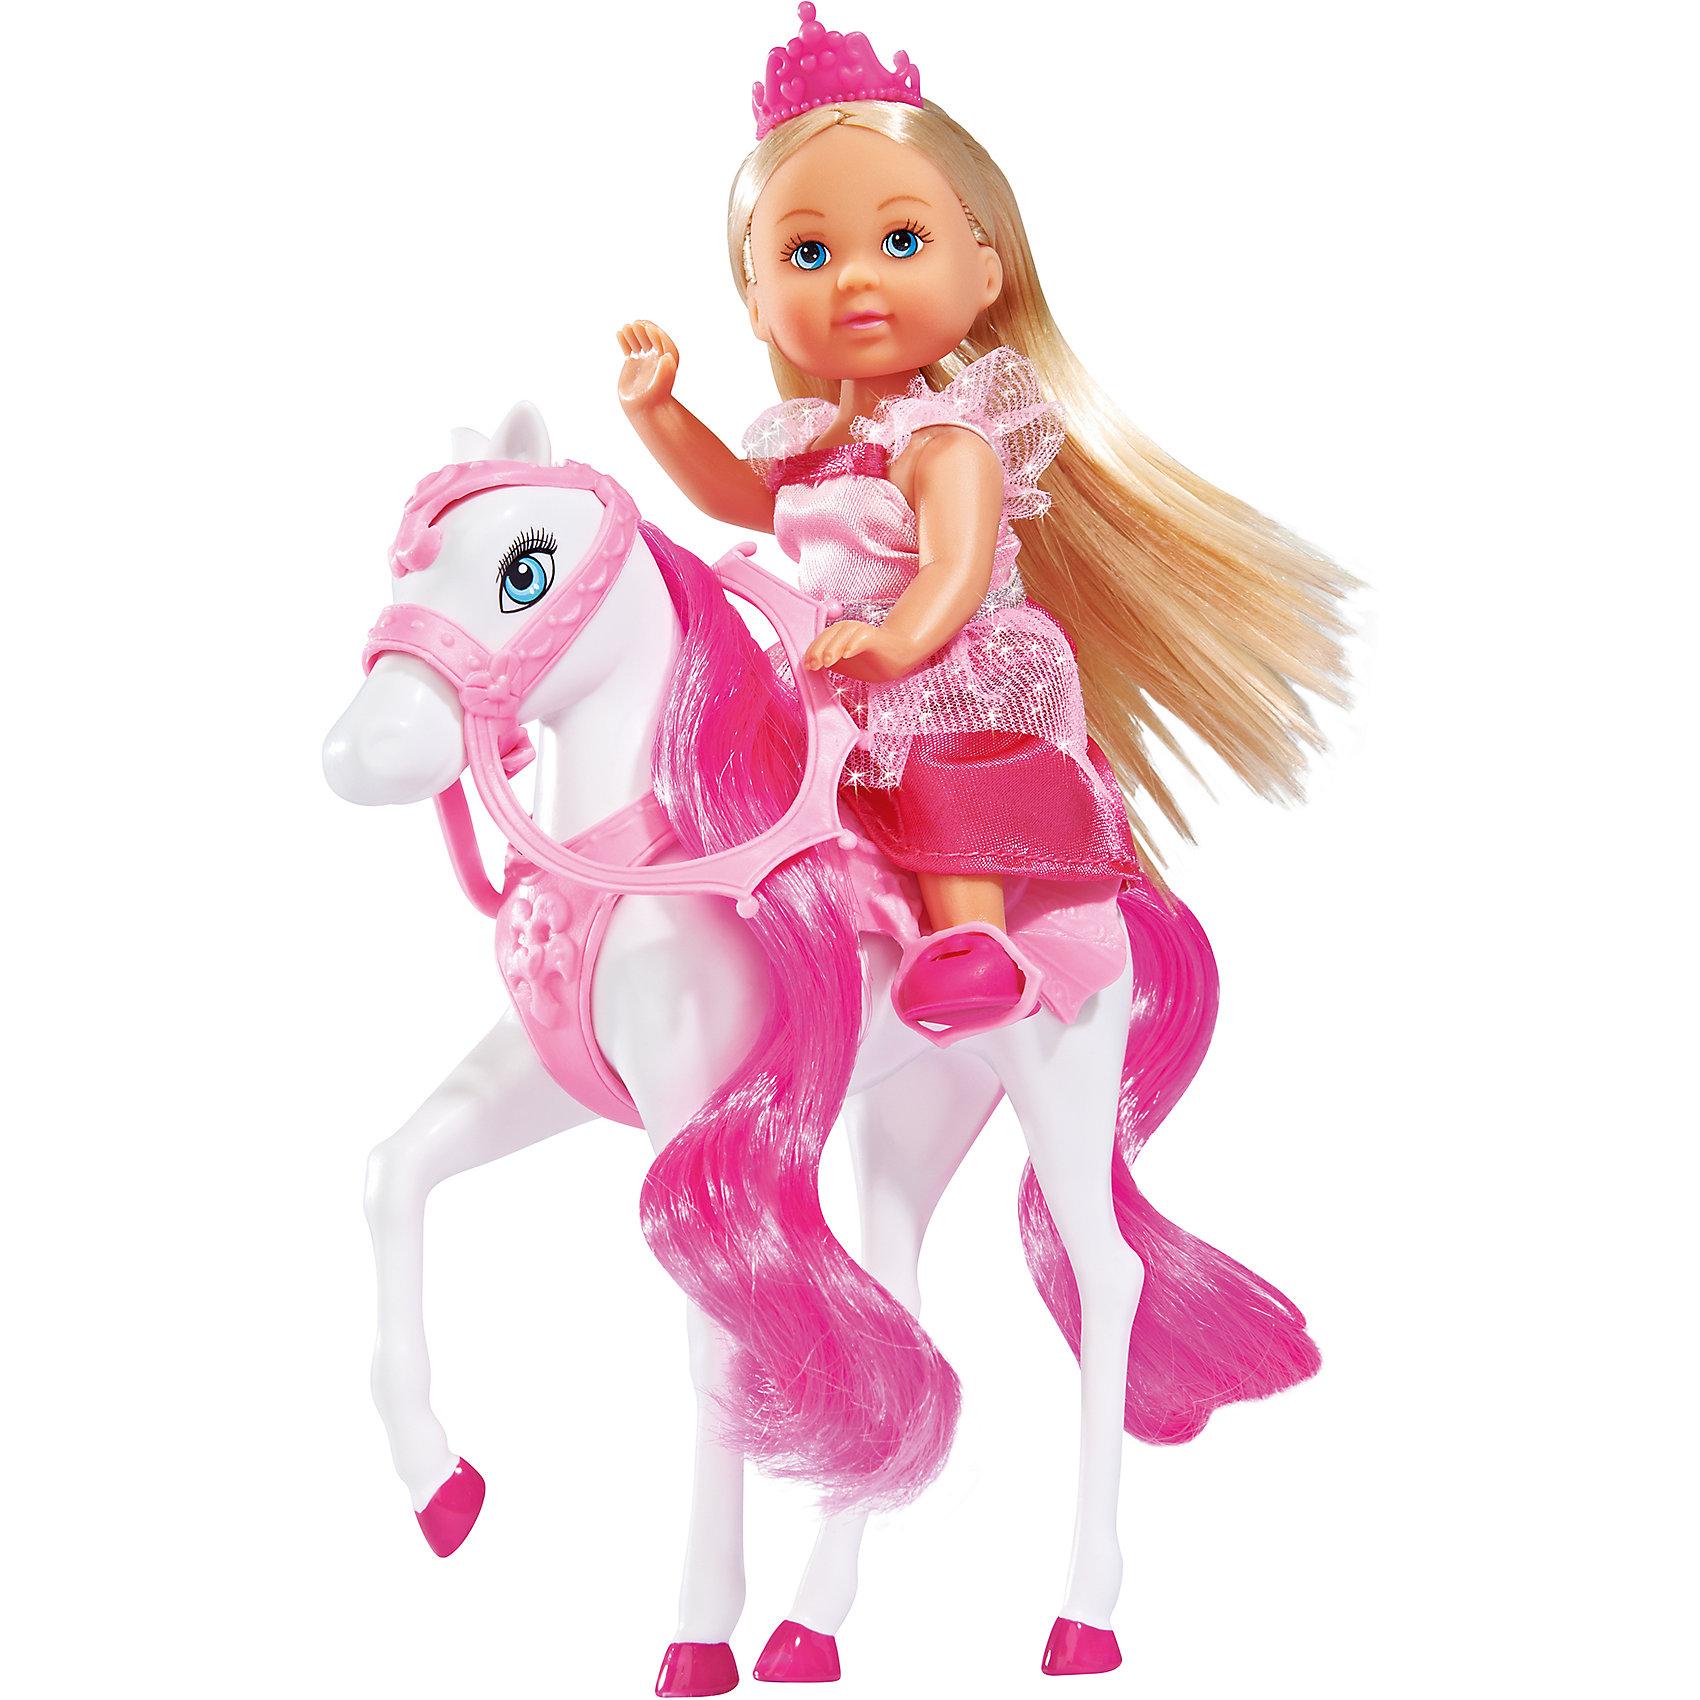 Кукла Еви на лошади, SimbaБренды кукол<br>Характеристики товара:<br><br>- цвет: разноцветный;<br>- материал: пластик;<br>- возраст: от трех лет;<br>- комплектация: кукла, одежда, лошадь;<br>- высота куклы: 12 см.<br><br>Эта симпатичная кукла Еви от известного бренда приводит детей в восторг! Какая девочка сможет отказаться поиграть с куклой, у которой есть лошадь?! В набор входят одежда и лошадь. Игрушка очень качественно выполнена, поэтому она станет замечательным подарком ребенку. <br>Продается набор в красивой удобной упаковке. Игры с куклами помогают девочкам развить важные навыки и отработать модели социального взаимодействия. Изделие произведено из высококачественного материала, безопасного для детей.<br><br>Куклу Еви на прыгающей лошади от бренда Simba можно купить в нашем интернет-магазине.<br><br>Ширина мм: 164<br>Глубина мм: 162<br>Высота мм: 48<br>Вес г: 150<br>Возраст от месяцев: 36<br>Возраст до месяцев: 72<br>Пол: Женский<br>Возраст: Детский<br>SKU: 4129101